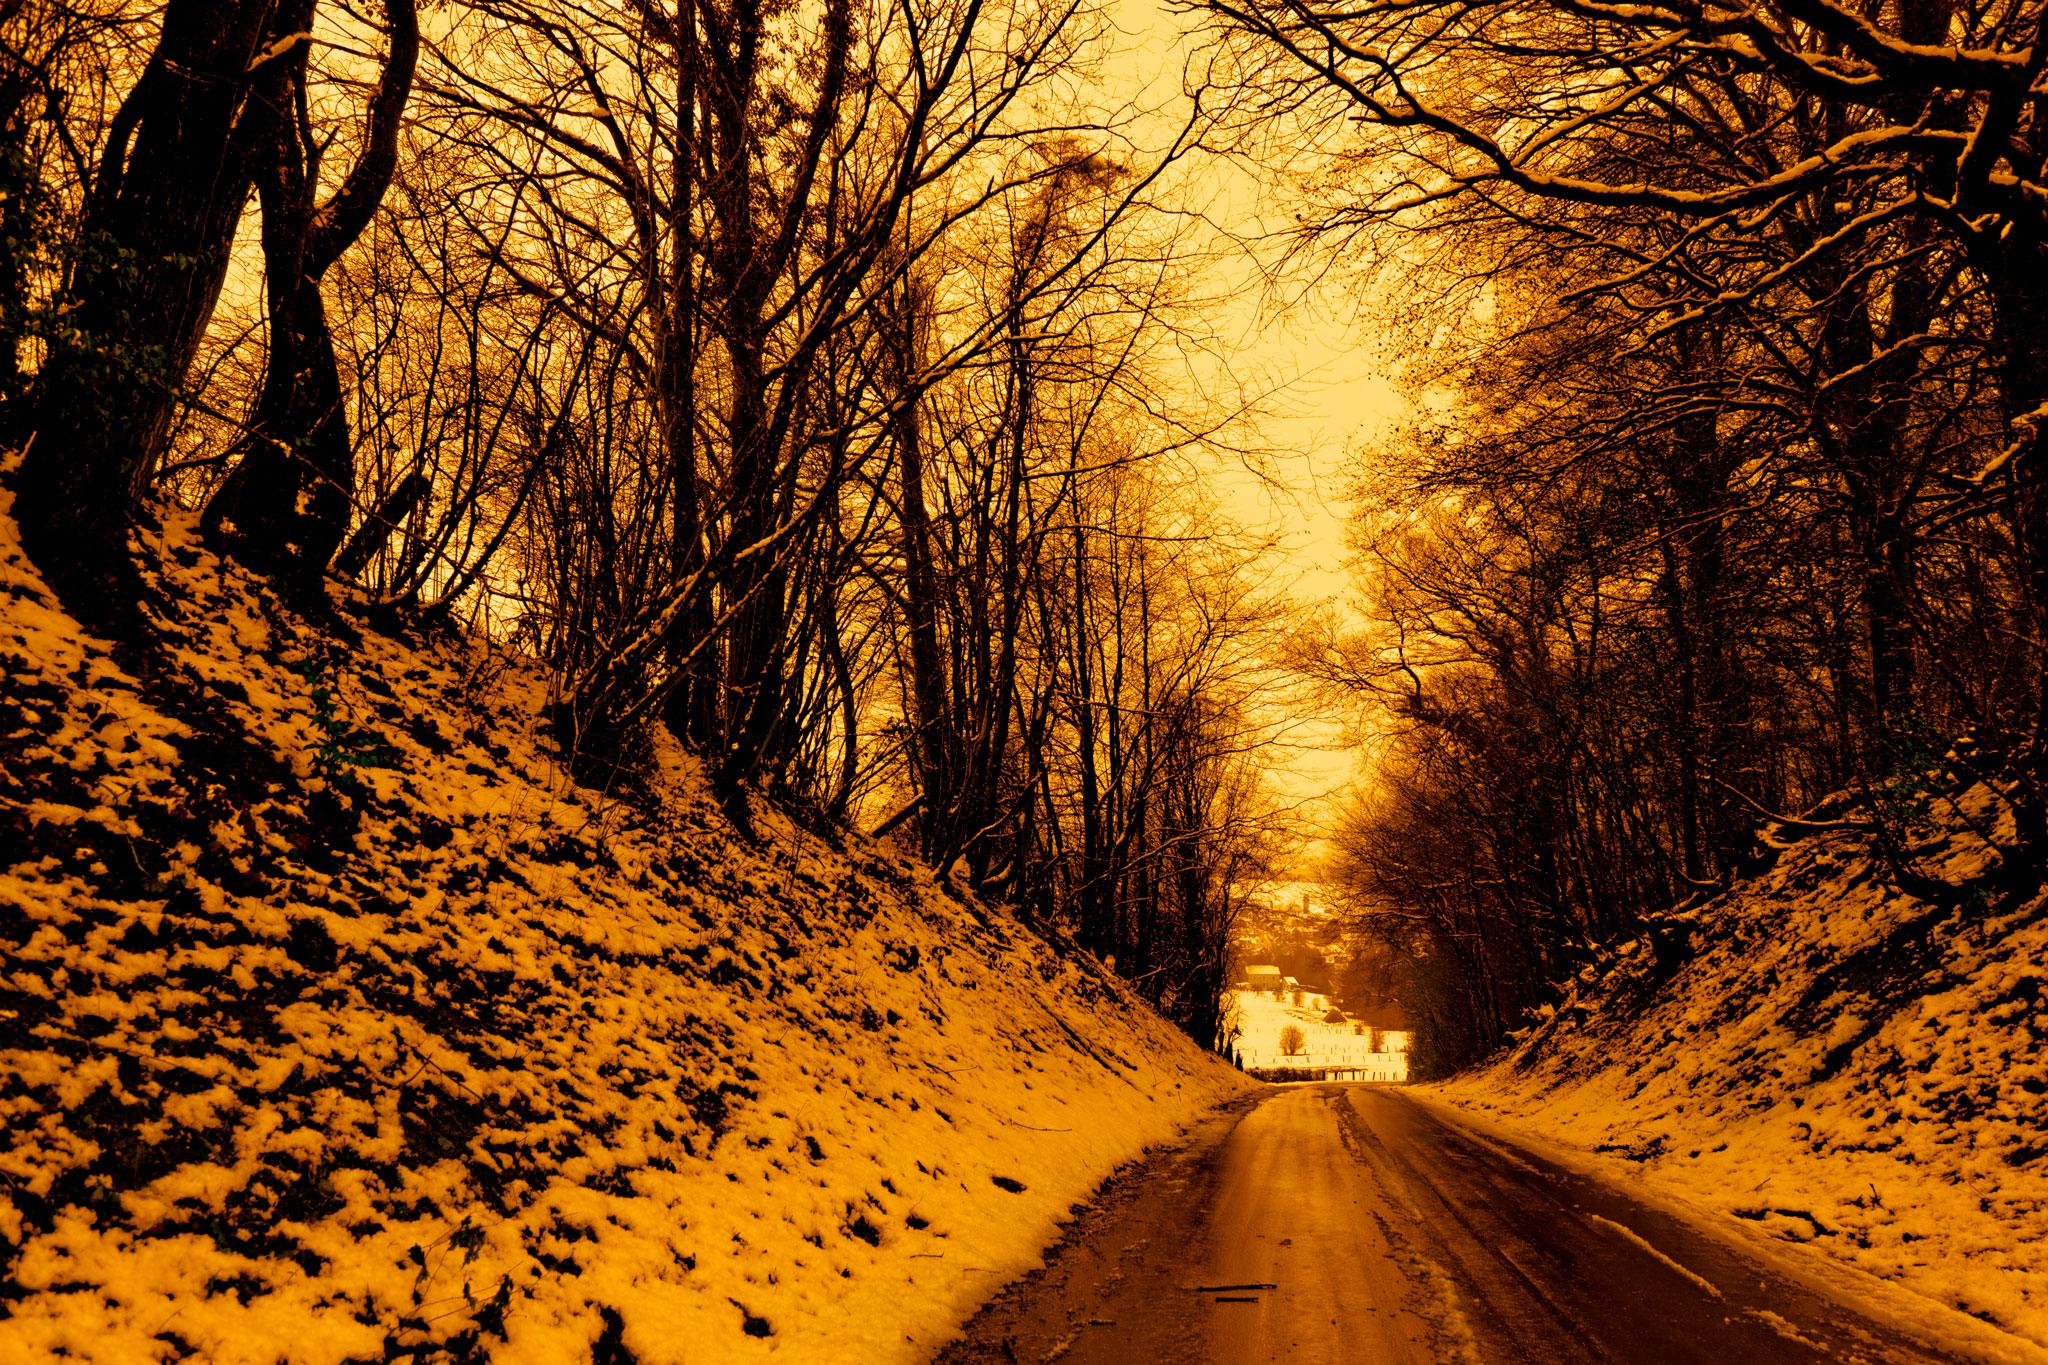 Ethe photographie nature par Stéphane Thirion etix photos